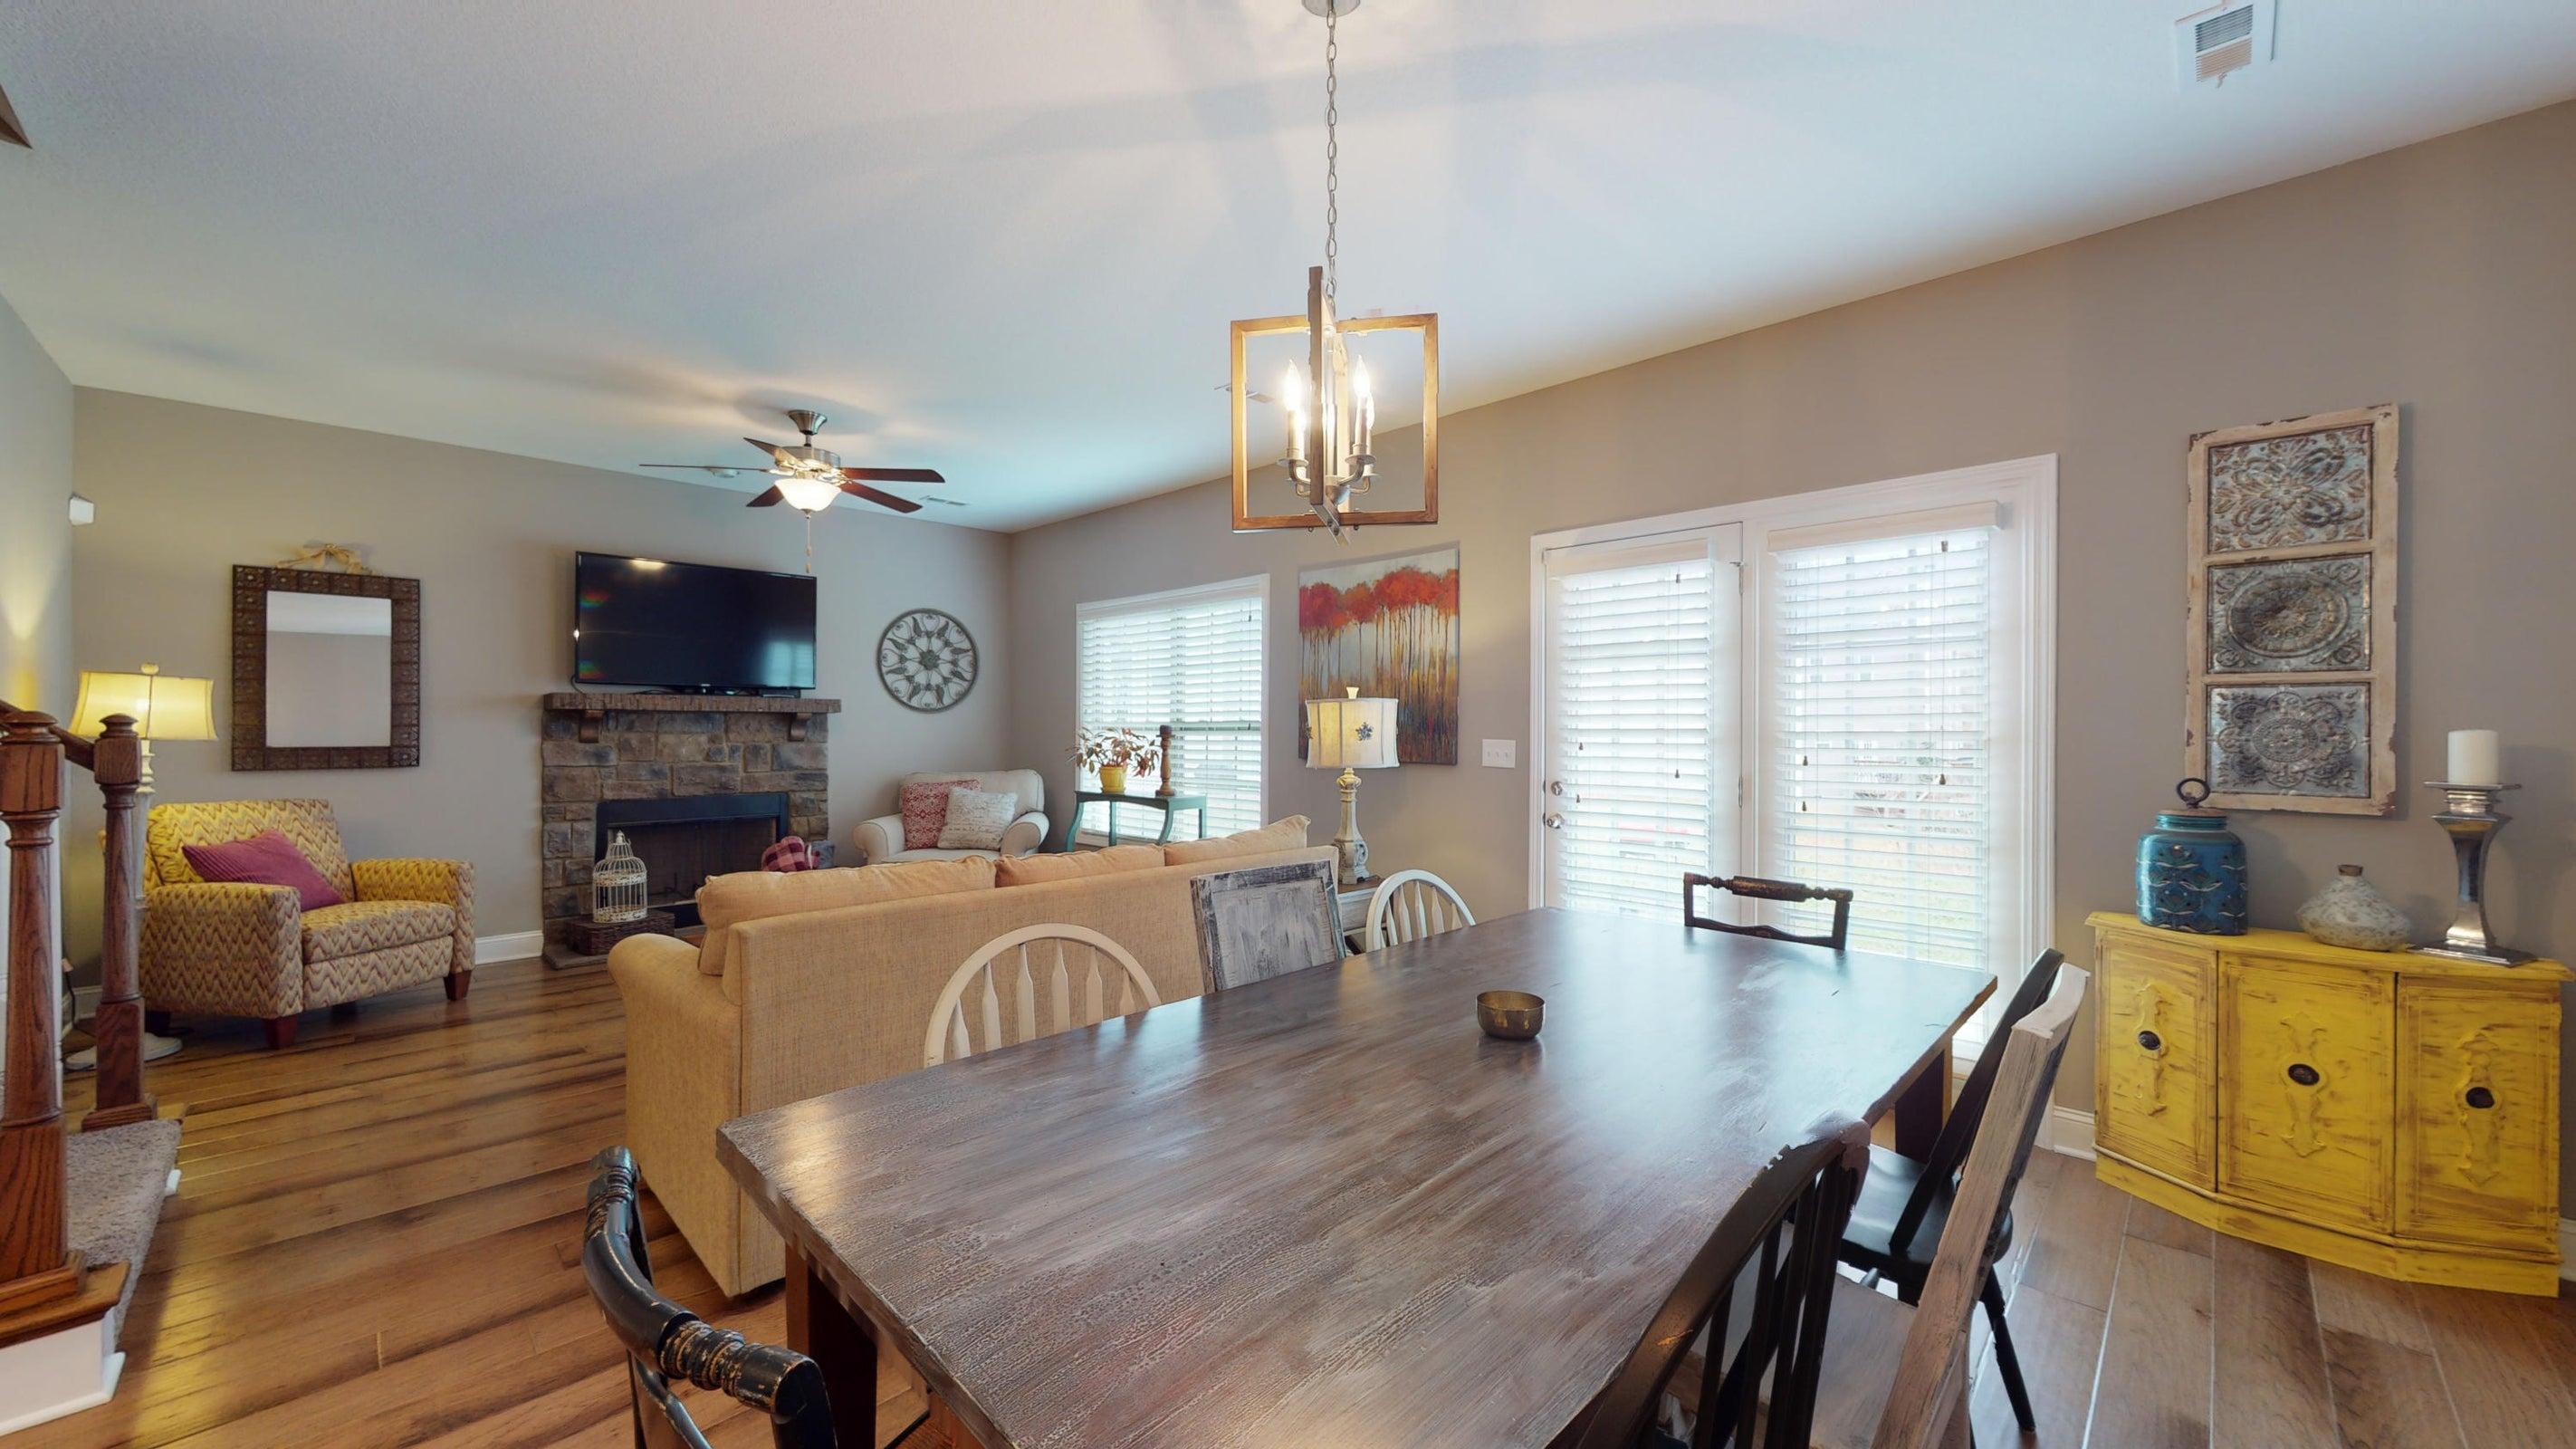 2352-Madeline-lane-Dining-Room